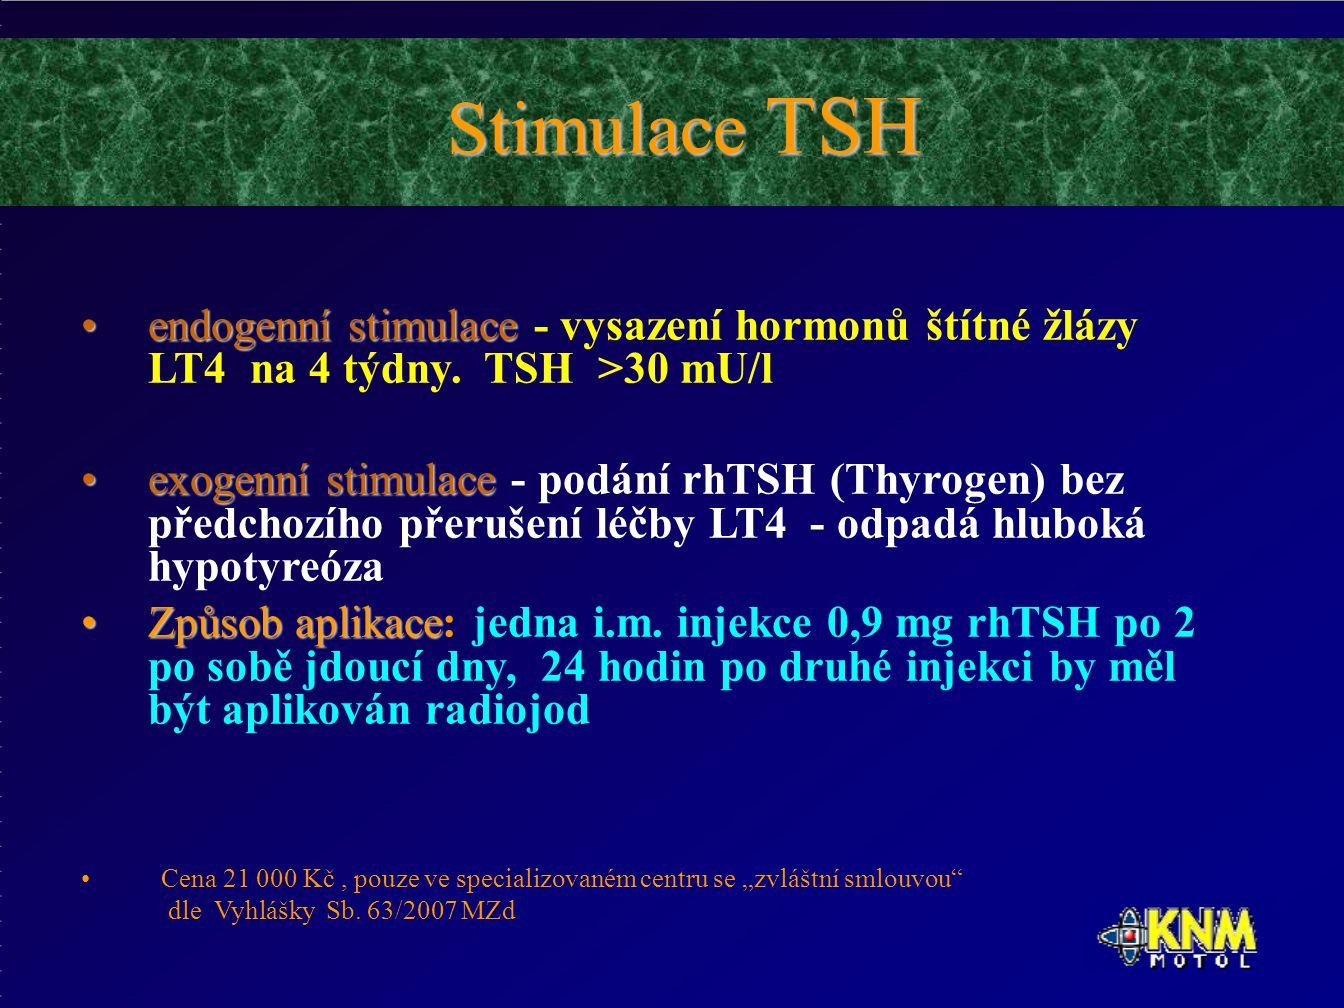 Stimulace TSH endogenní stimulaceendogenní stimulace - vysazení hormonů štítné žlázy LT4 na 4 týdny.